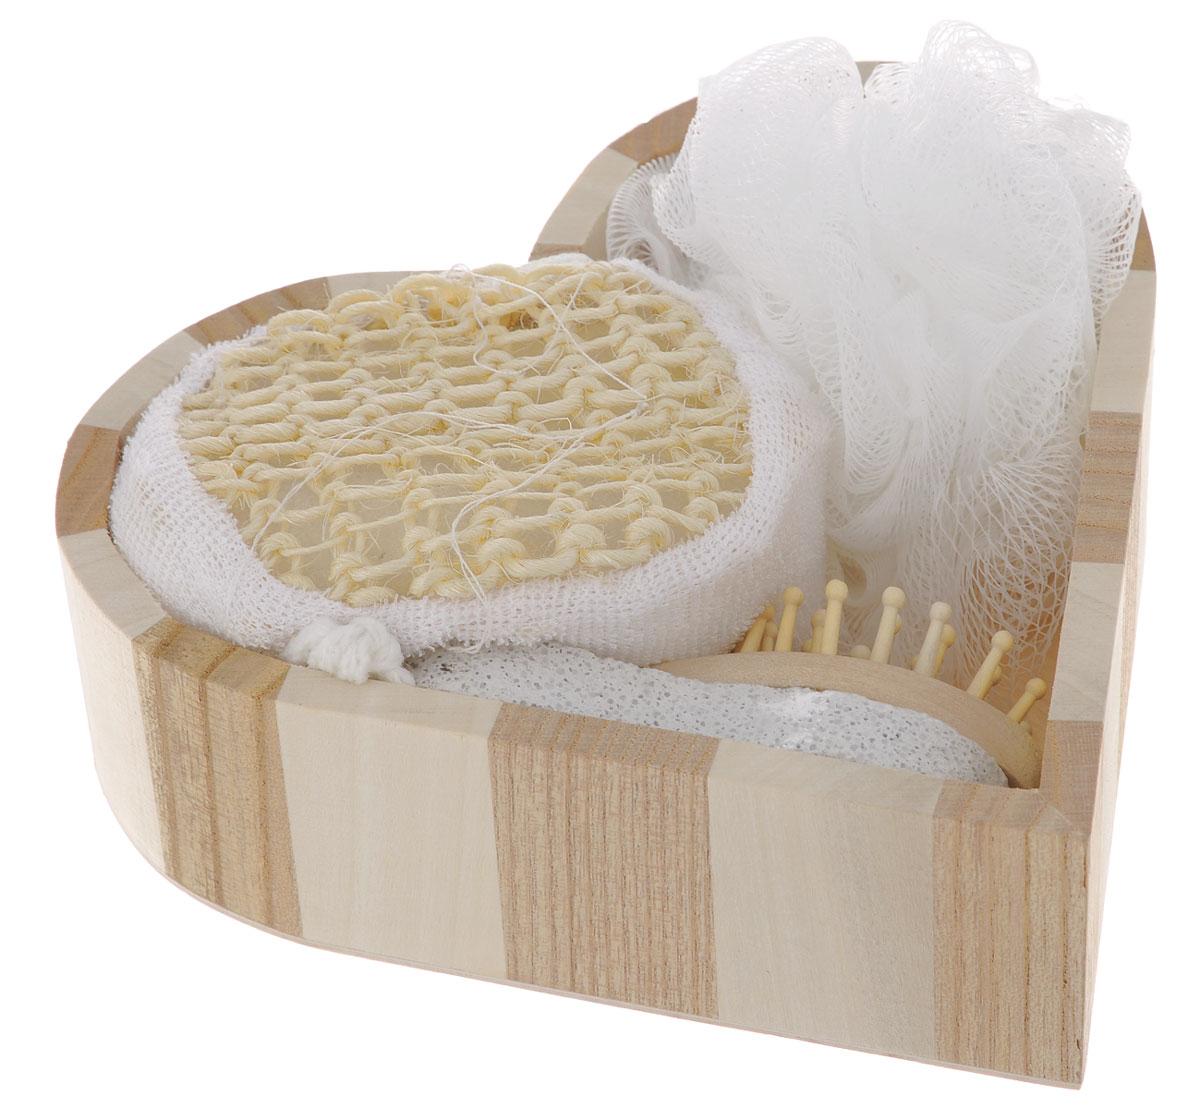 Набор для ванной и бани Феникс-презент Романтика, 5 предметов40634Набор для ванной и бани Феникс-презент Романтика включает: - мочалка для купания из полиэтилена, - расческа из древесины павловнии, - пемза для ухода за кожей, - мочалка для купания из сизаля, - лохань из древесины тополя в форме сердца. Такой мини-набор пригодится в любой бане и сделает банную процедуру еще более комфортной и расслабляющей. Диаметр мочалки: 11 см. Размер расчески: 12 х 4 х 3 см. Размер пемзы: 9,5 х 4,5 х 2 см. Размер мочалки из сизаля: 10 х 8 х 5 см. Размер лохани: 17,5 х 18 х 5 см.